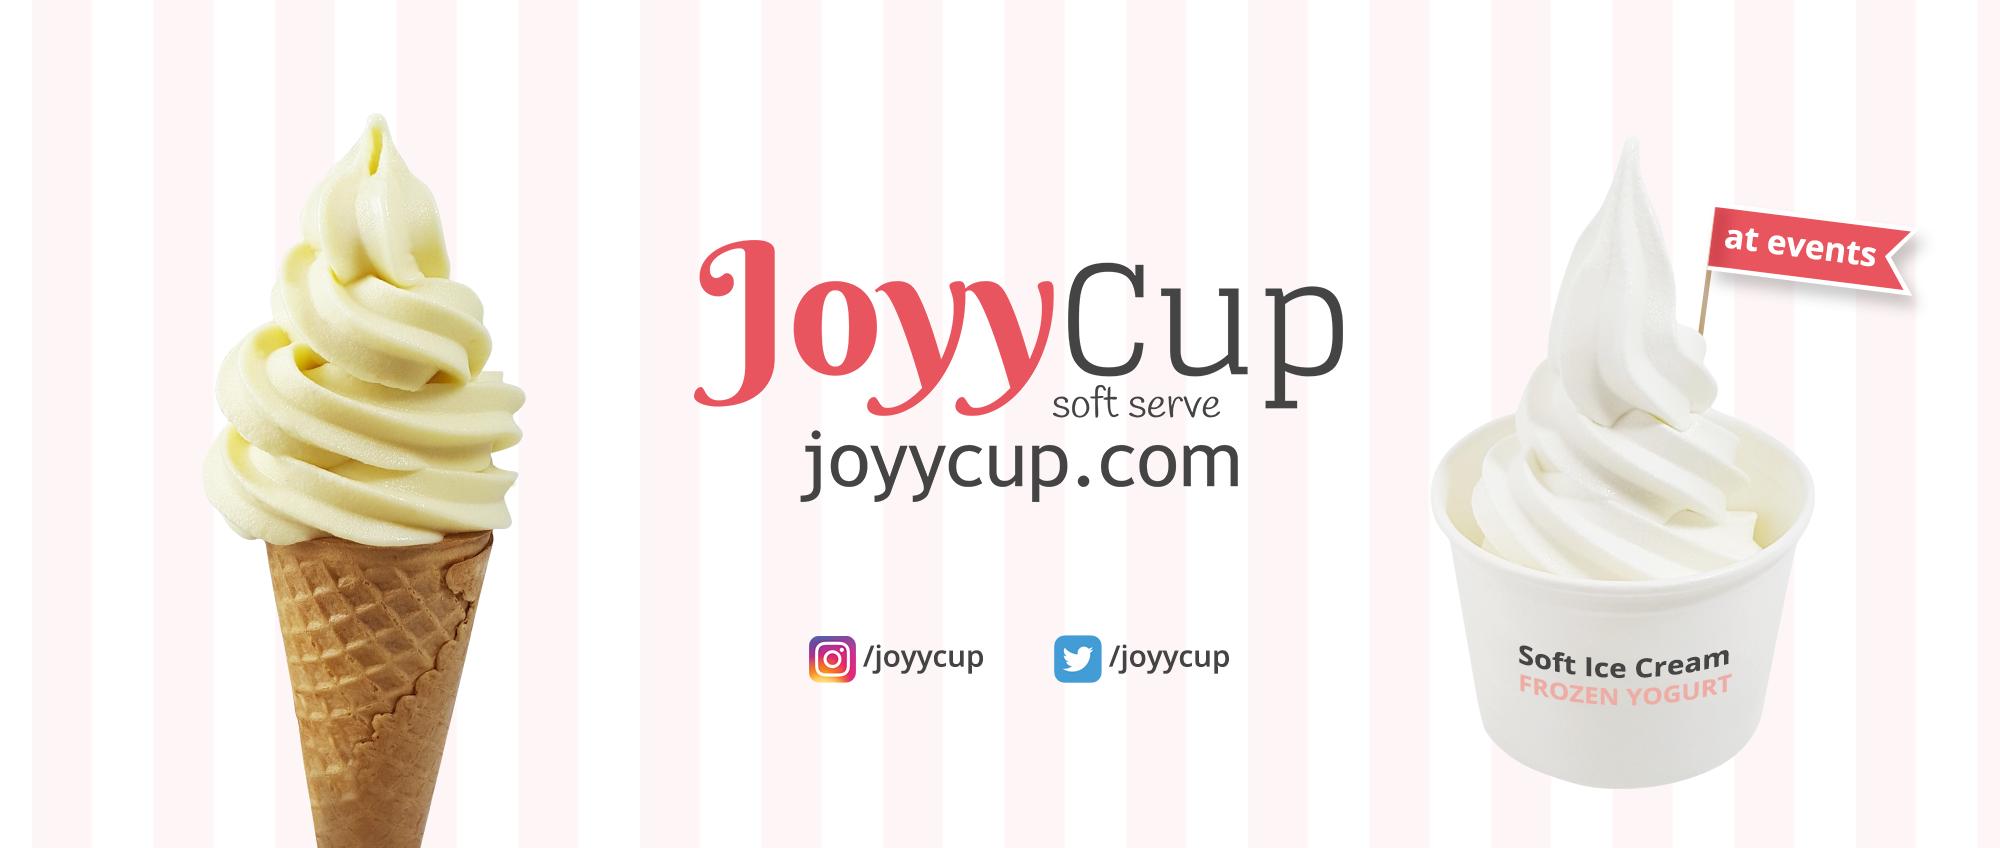 JoyyCup Soft Serve